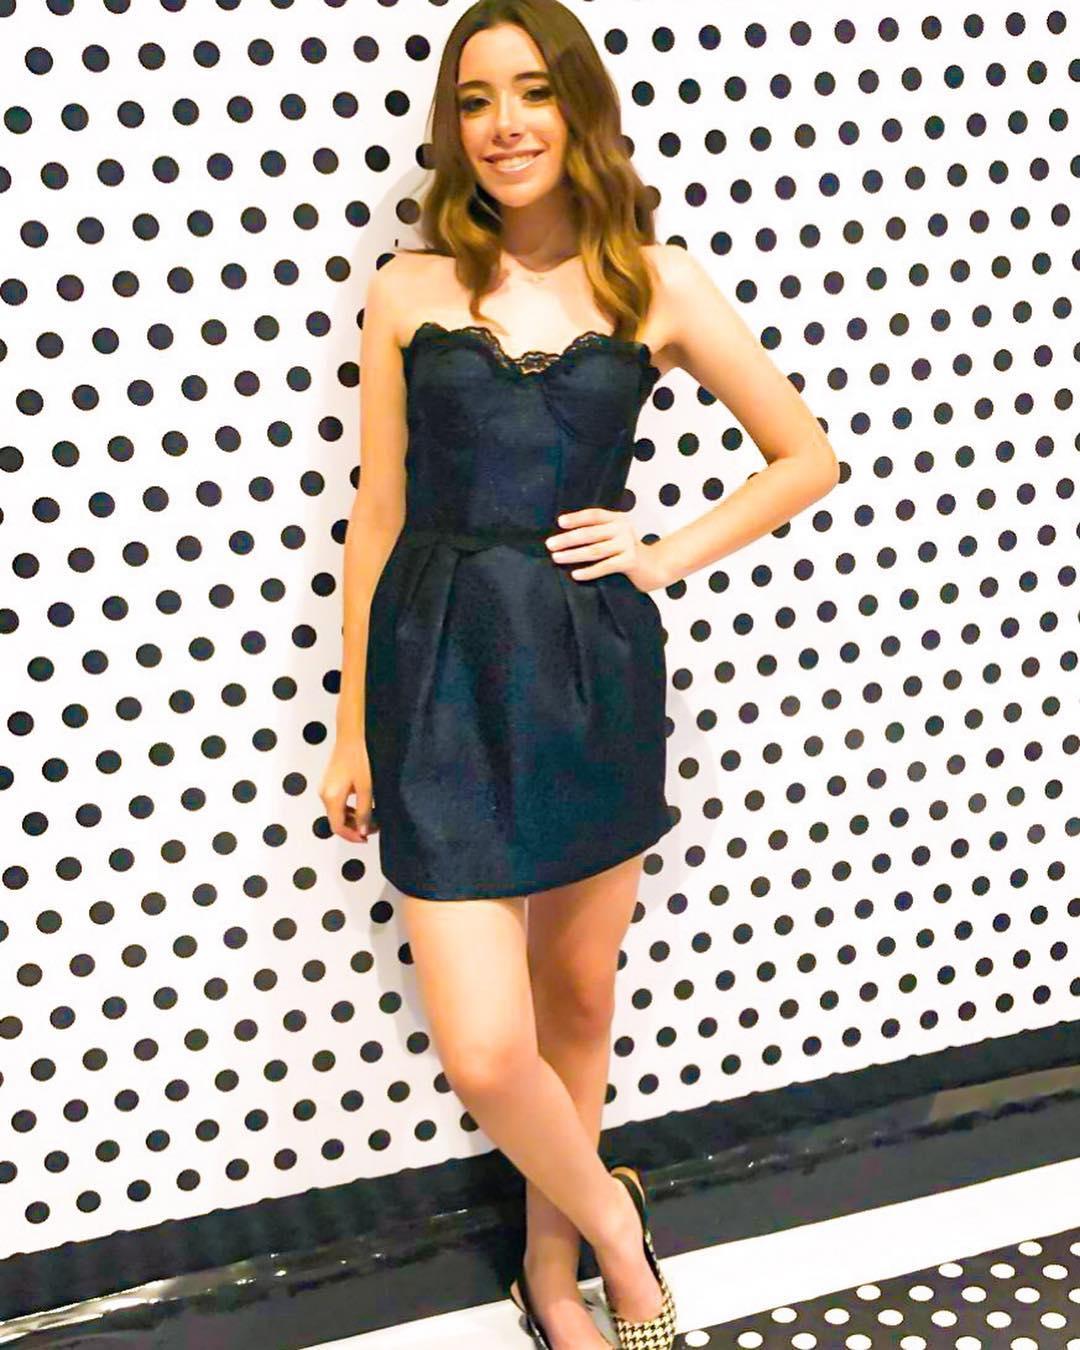 maya mejia ospina, miss teen mundial colombia 2019. - Página 2 58410610